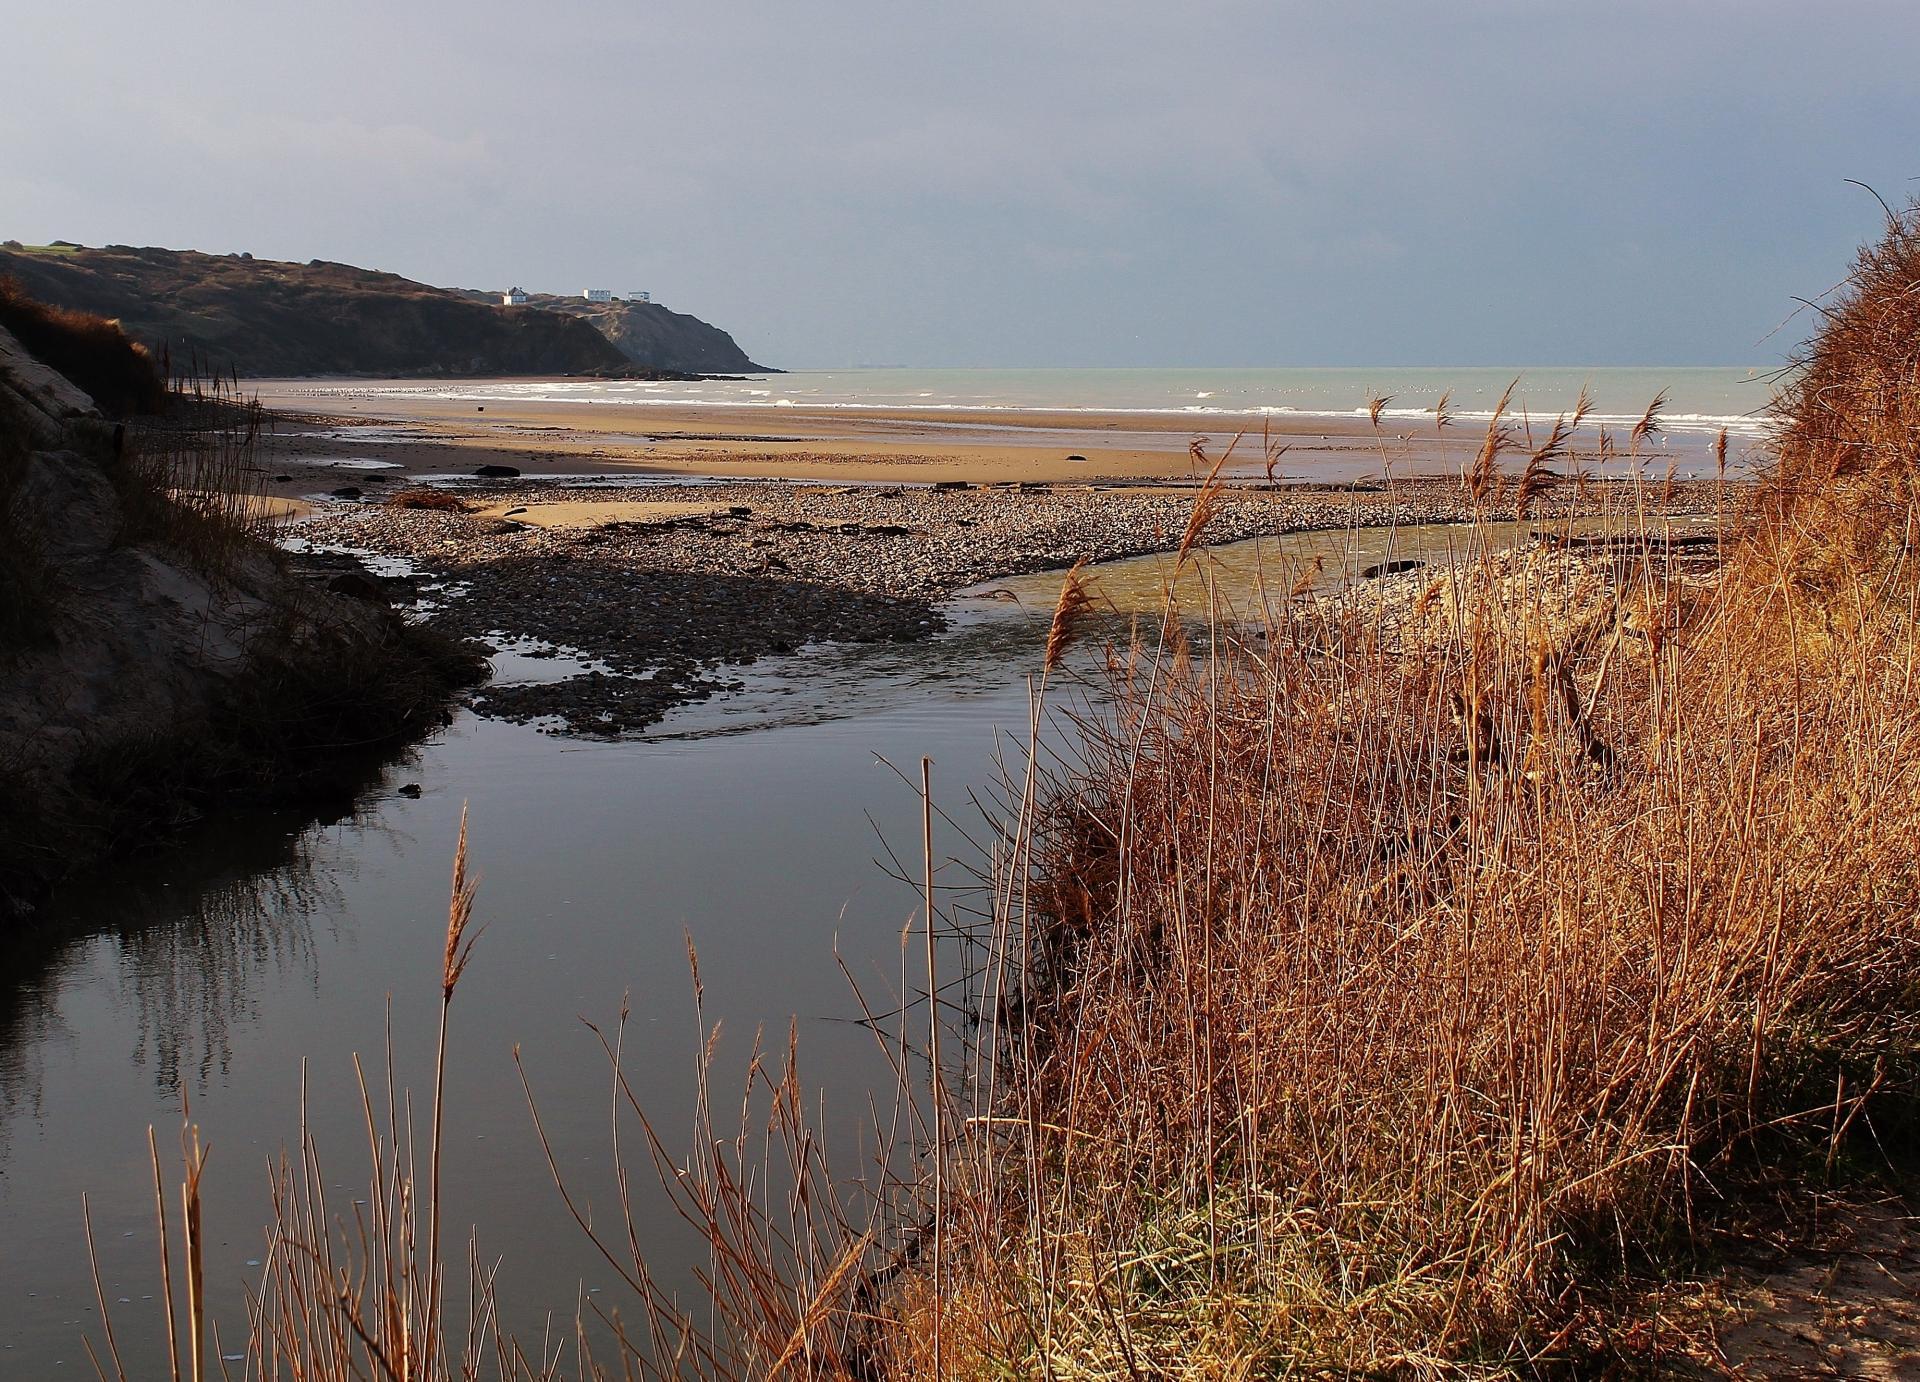 Top photo arrivee sur la plage du chatelet a tardeghen coupee